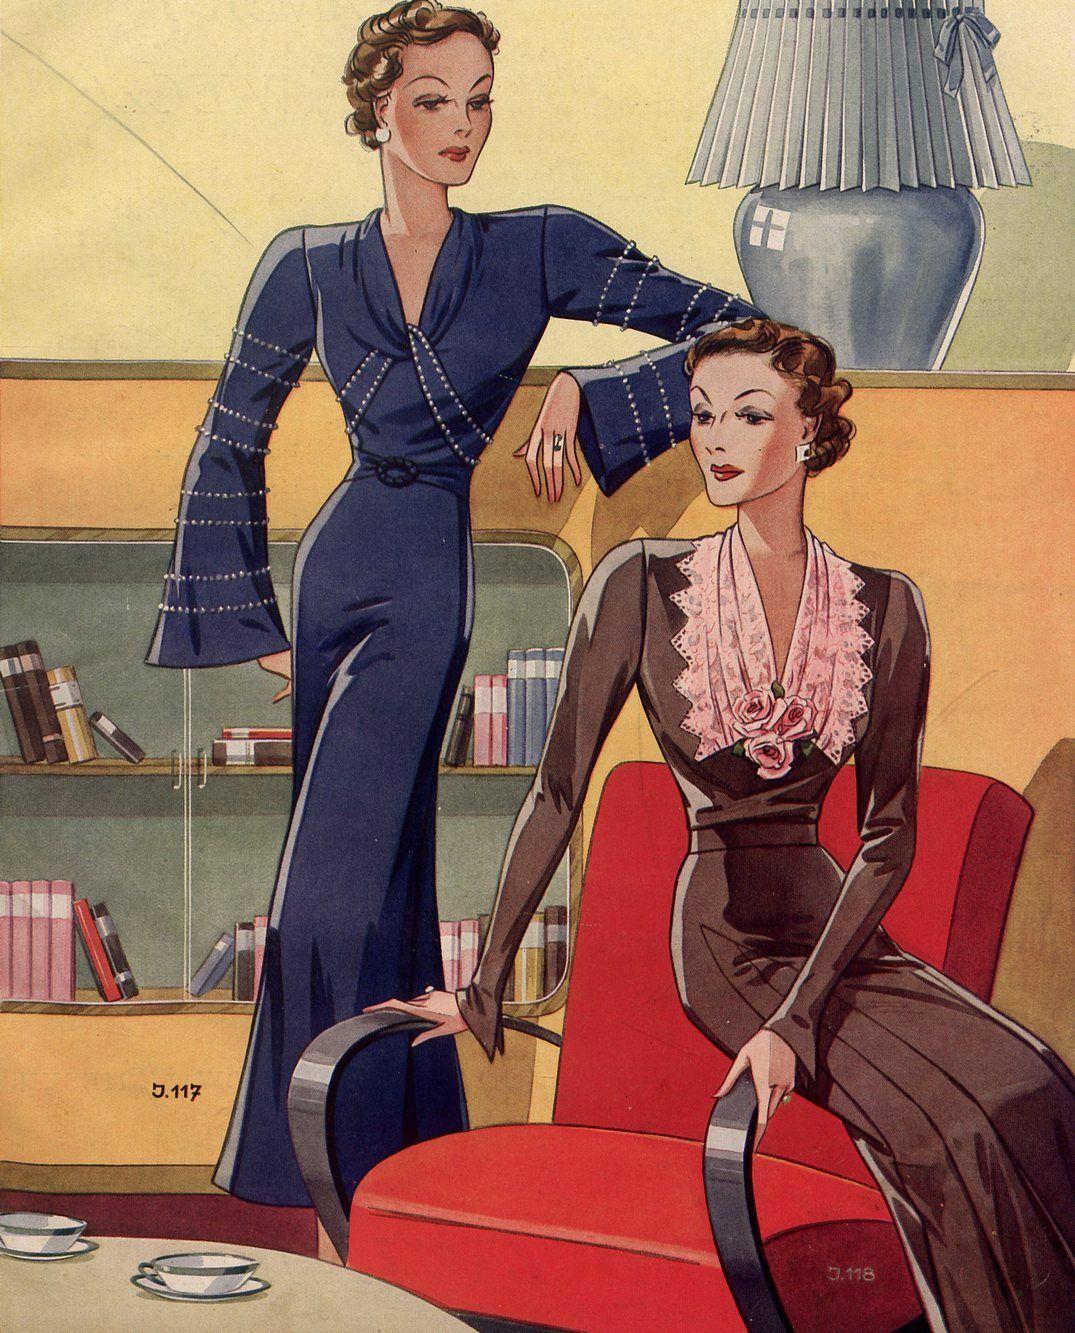 """Spotkanie proszone wymagało odpowiedniej oprawy. Fragment okładki pisma """"Przegląd mody"""" z 1937 roku."""